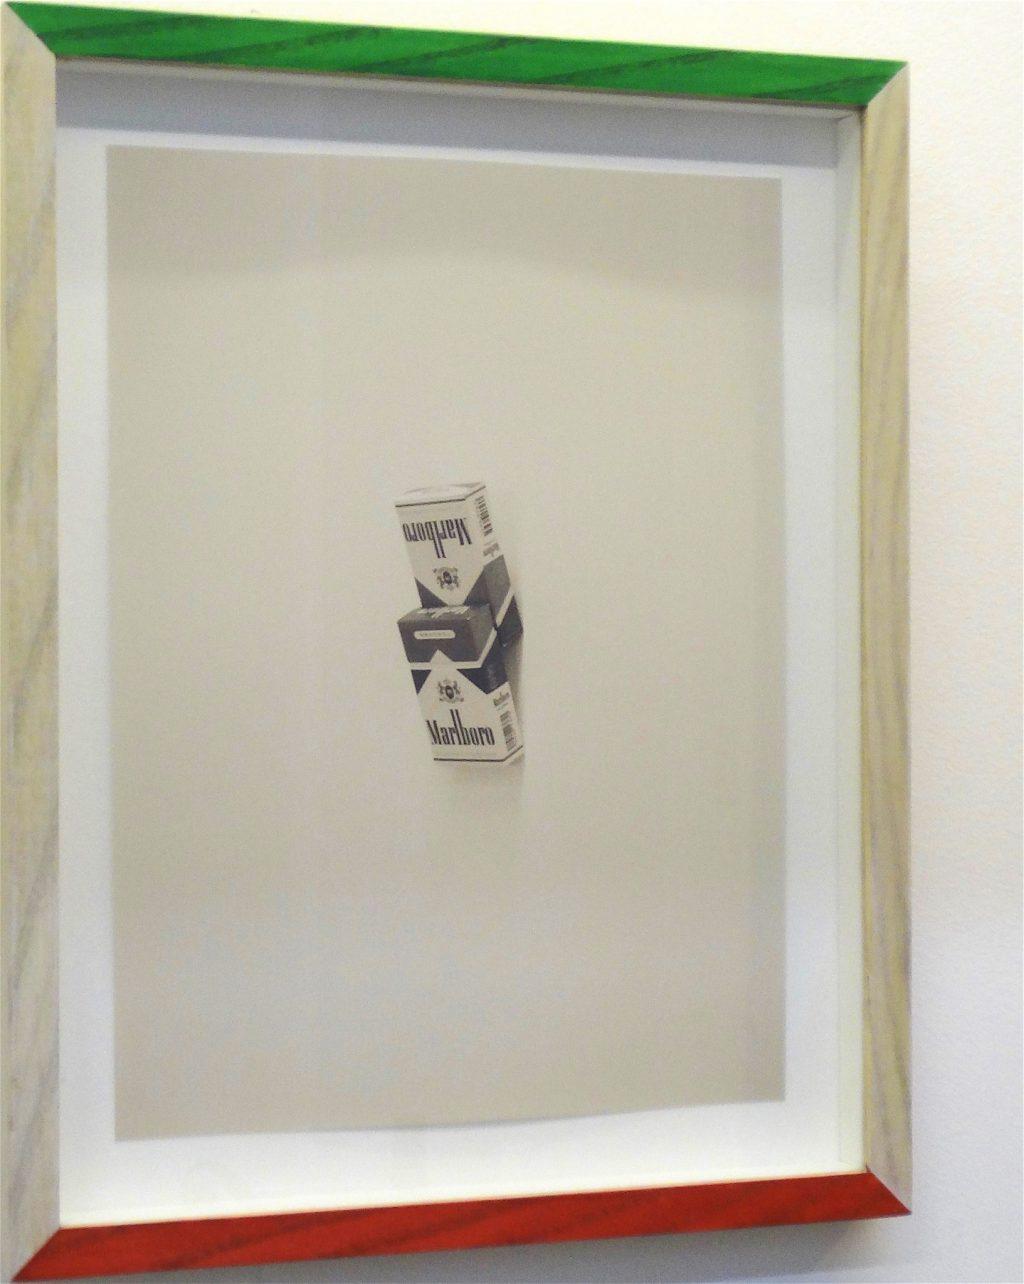 磯谷 博史「Couple」 (2004), Digital C-Type Print with frame colored by the artist